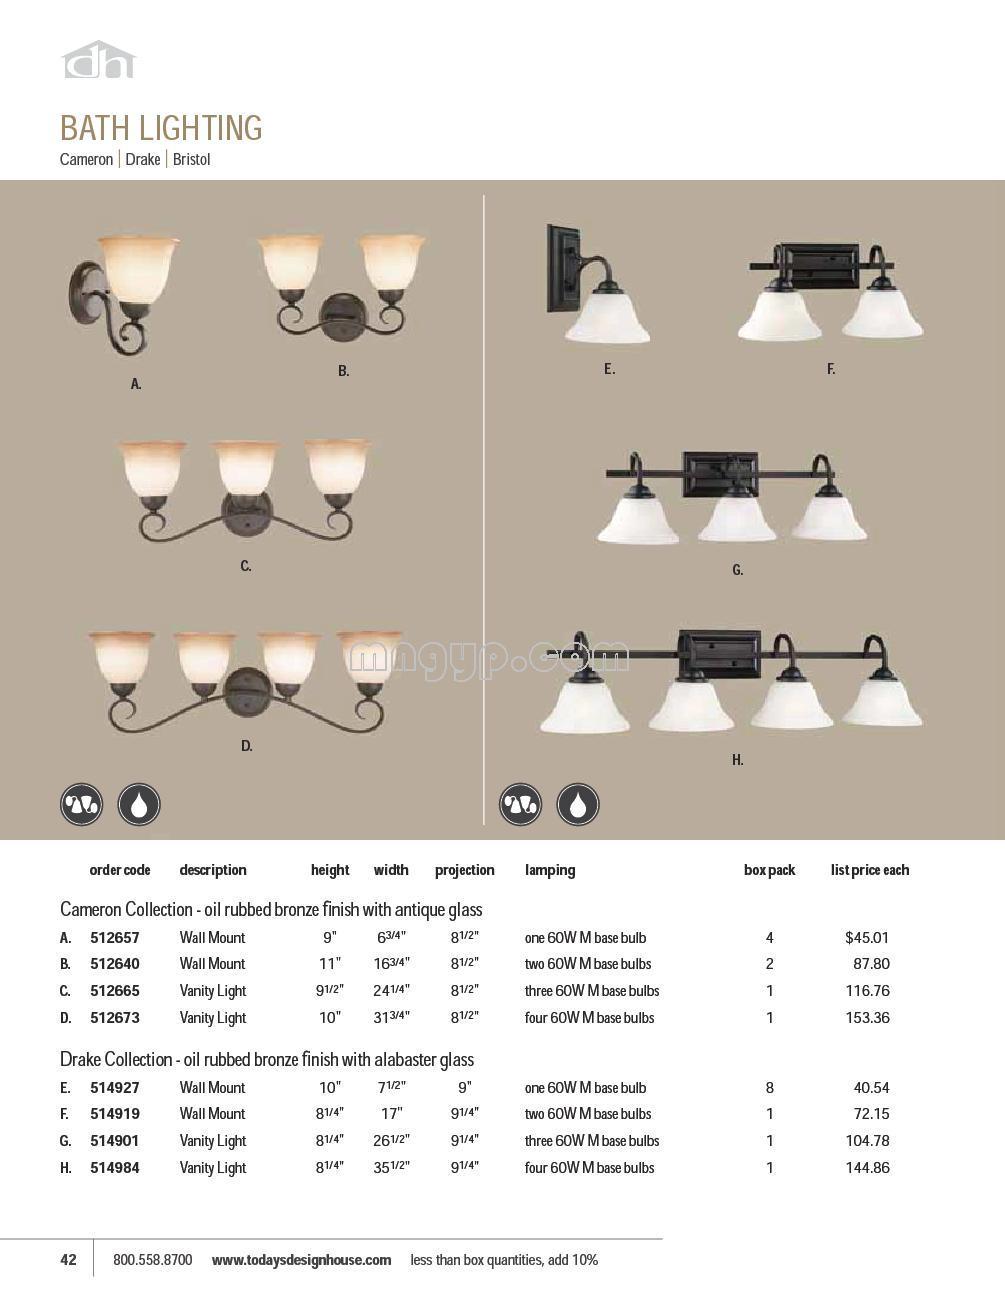 2012欧洲灯饰灯具书籍目录_礼品设计